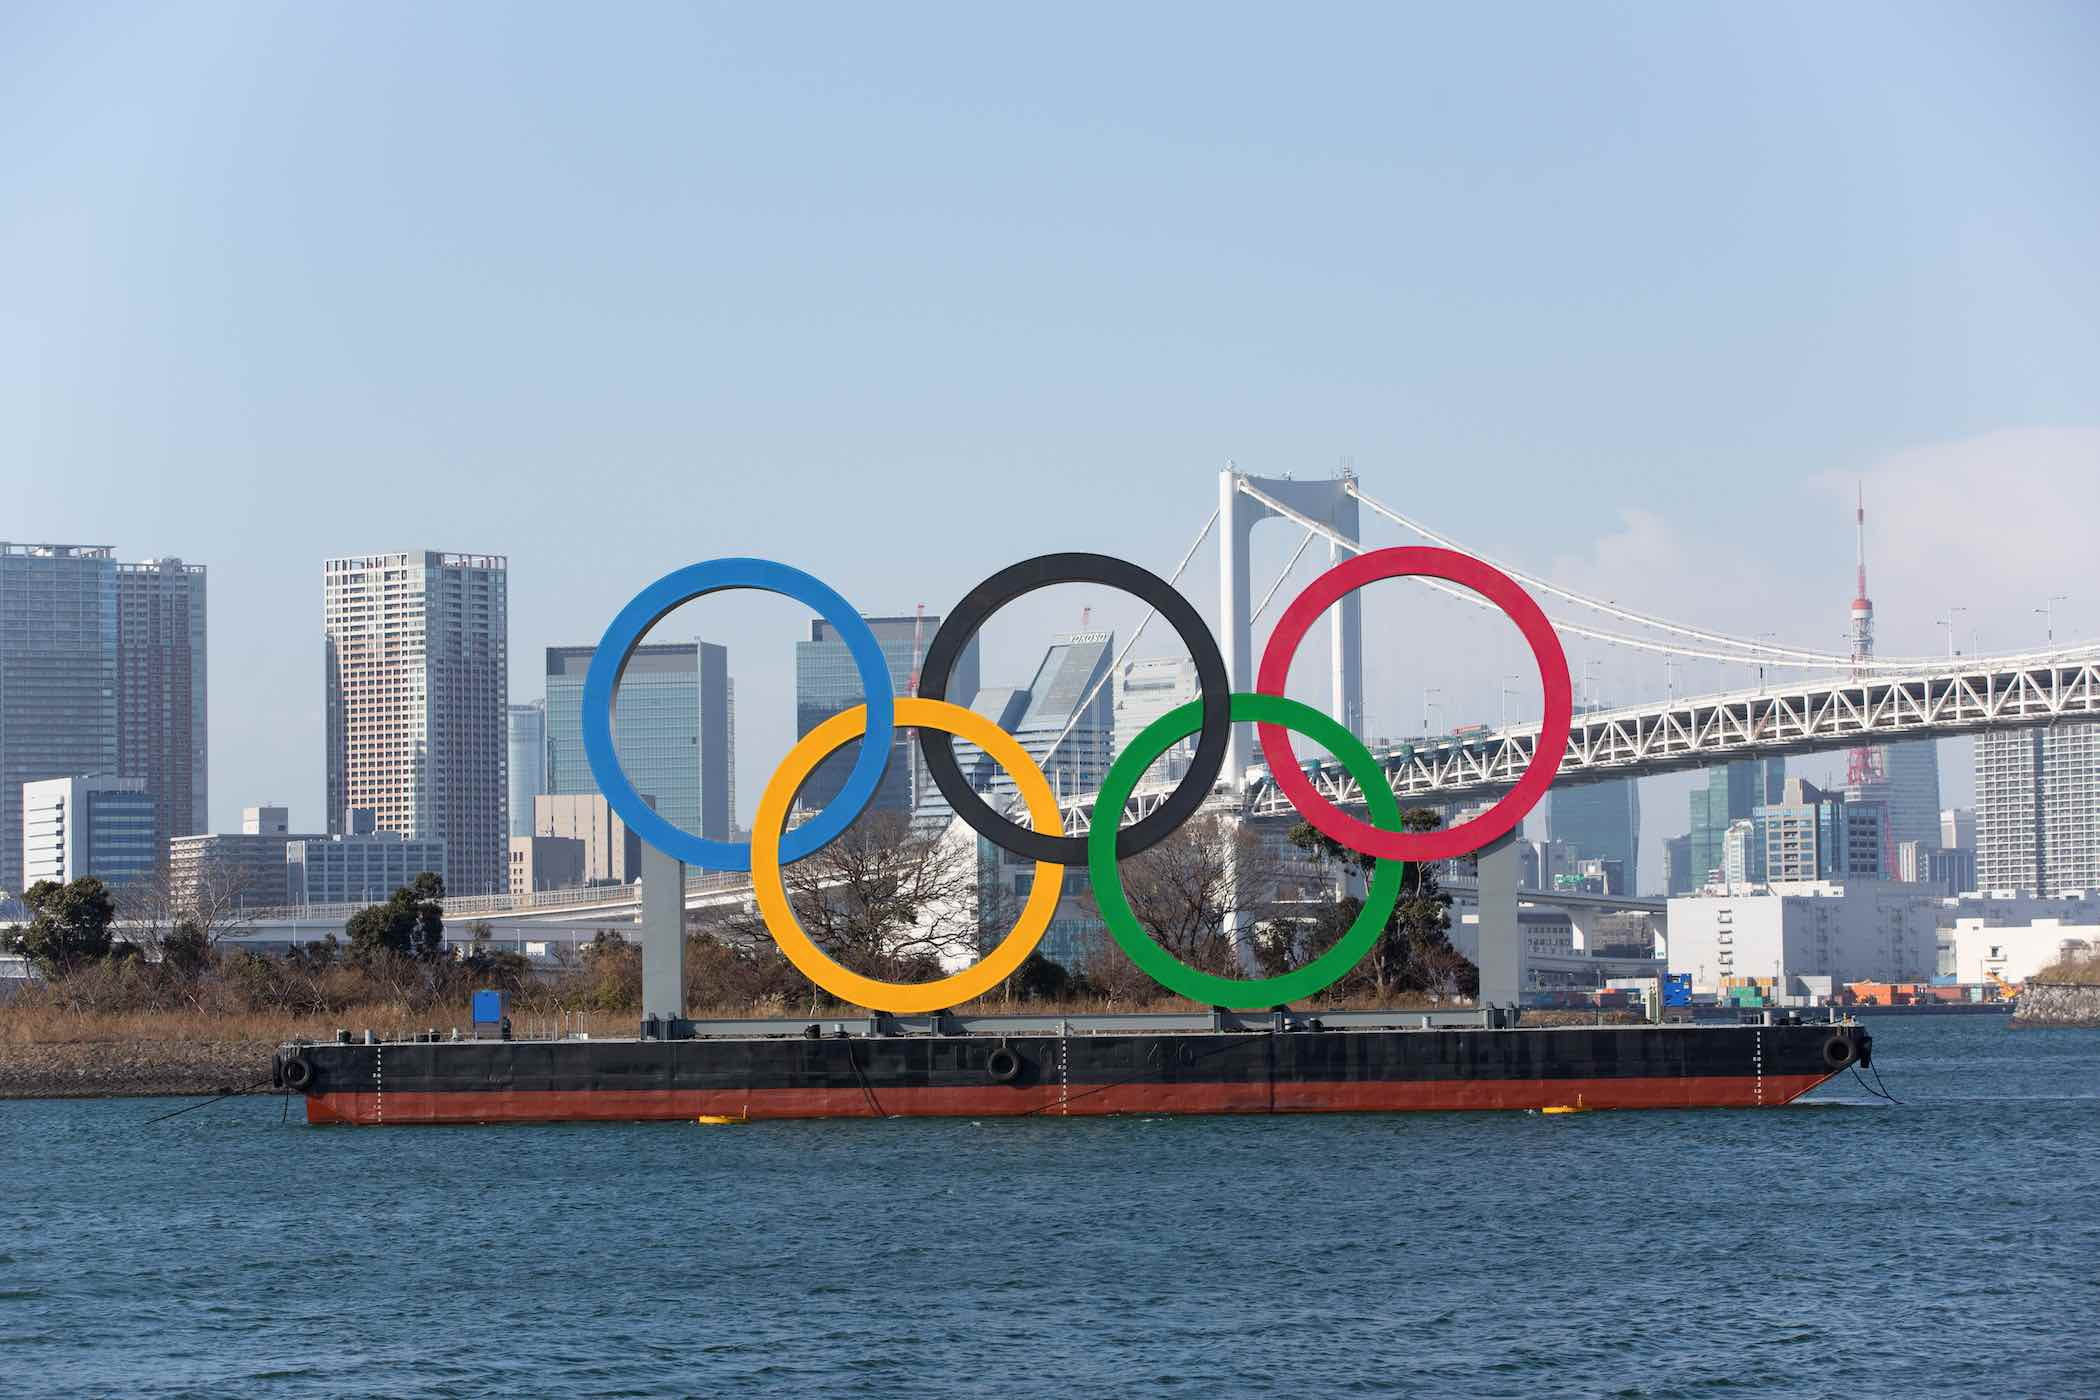 Barco carregando grandes anéis olímpicos, simbolos dos Jogos Olímpicos navega por rio com prédios de Tóquio ao fundo.